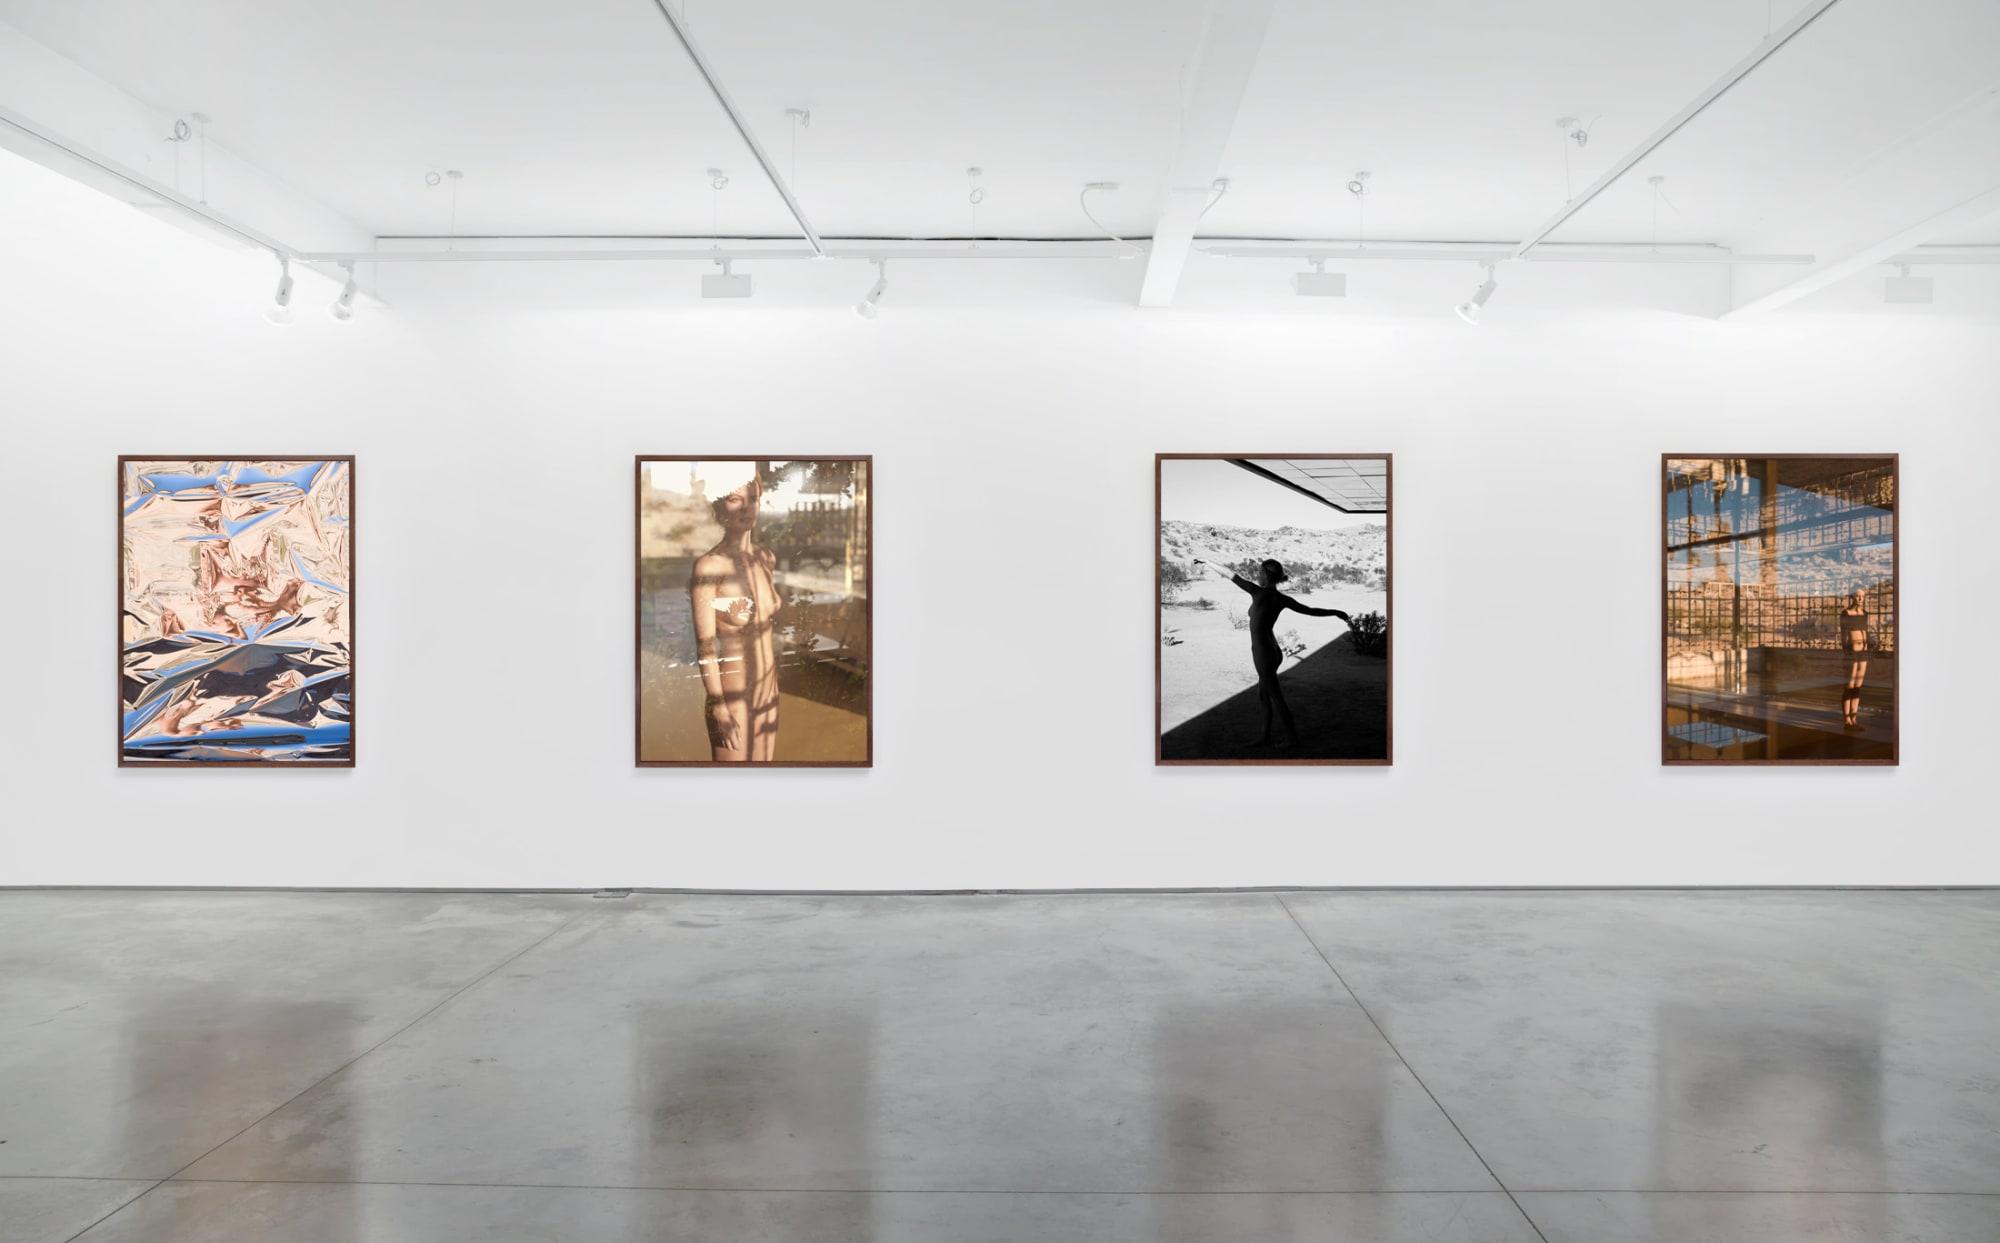 Mona Kuhn Works